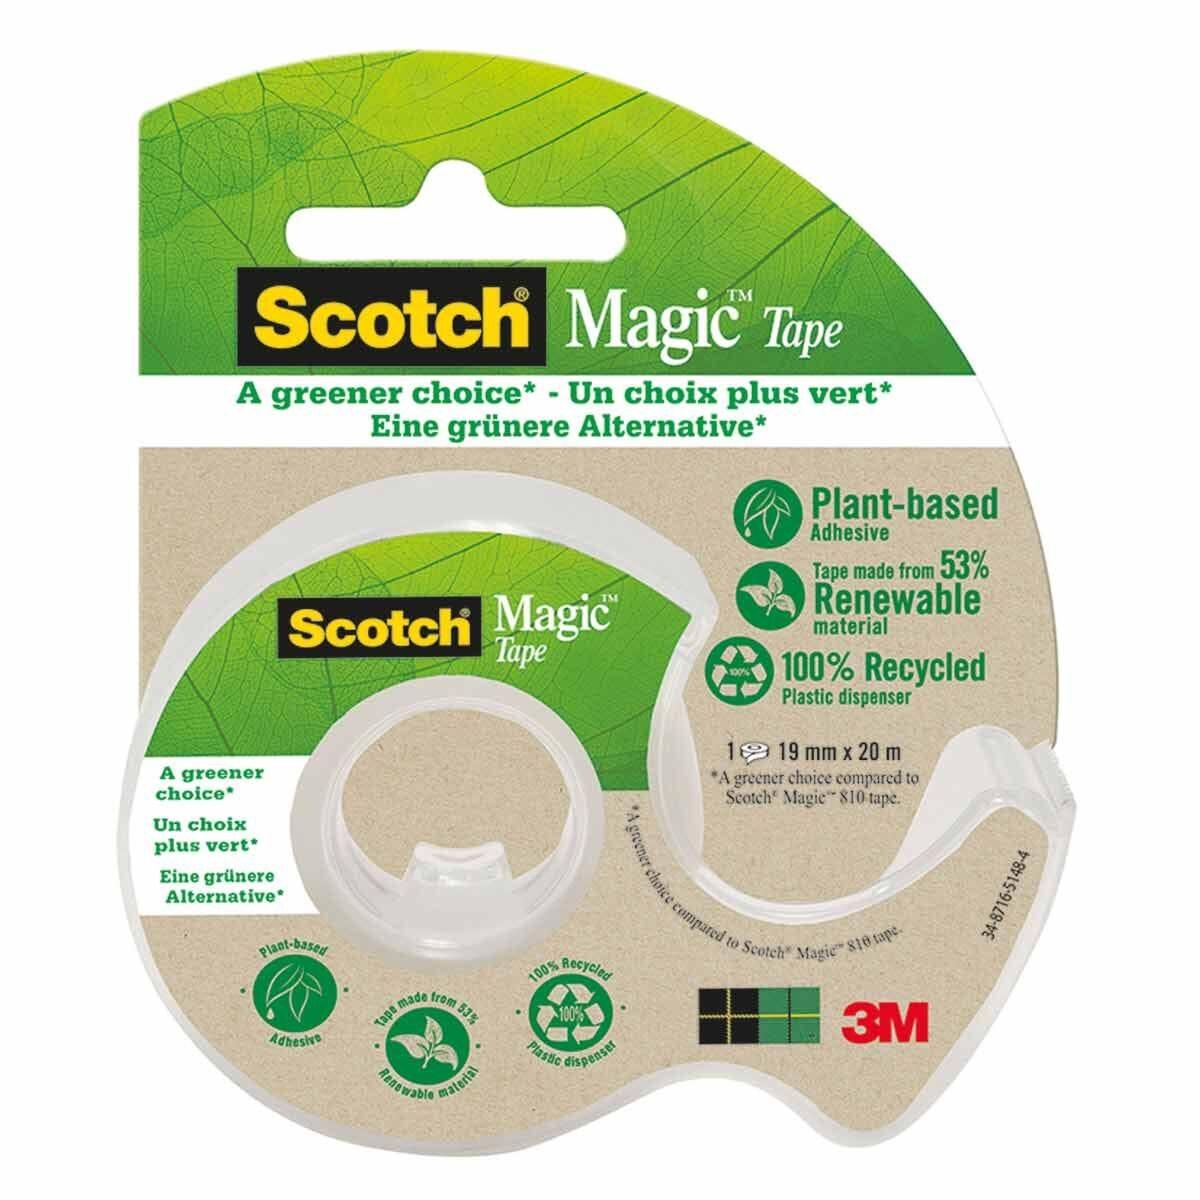 Scotch Magic Tape Greener Choice Dispenser 19mmx20m